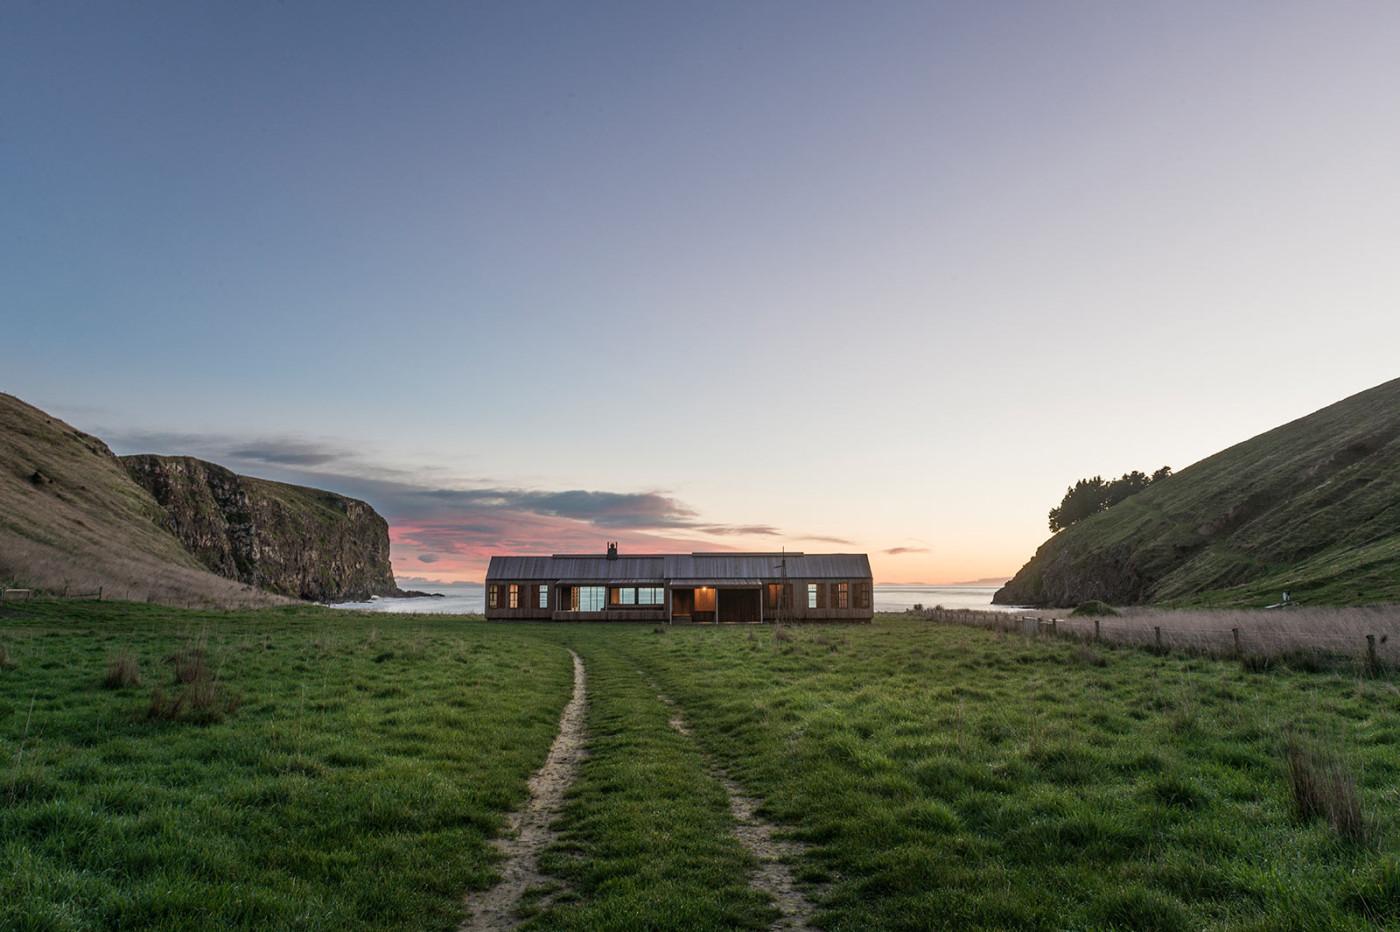 Una granja con vistas al mar. Nueva Zelanda